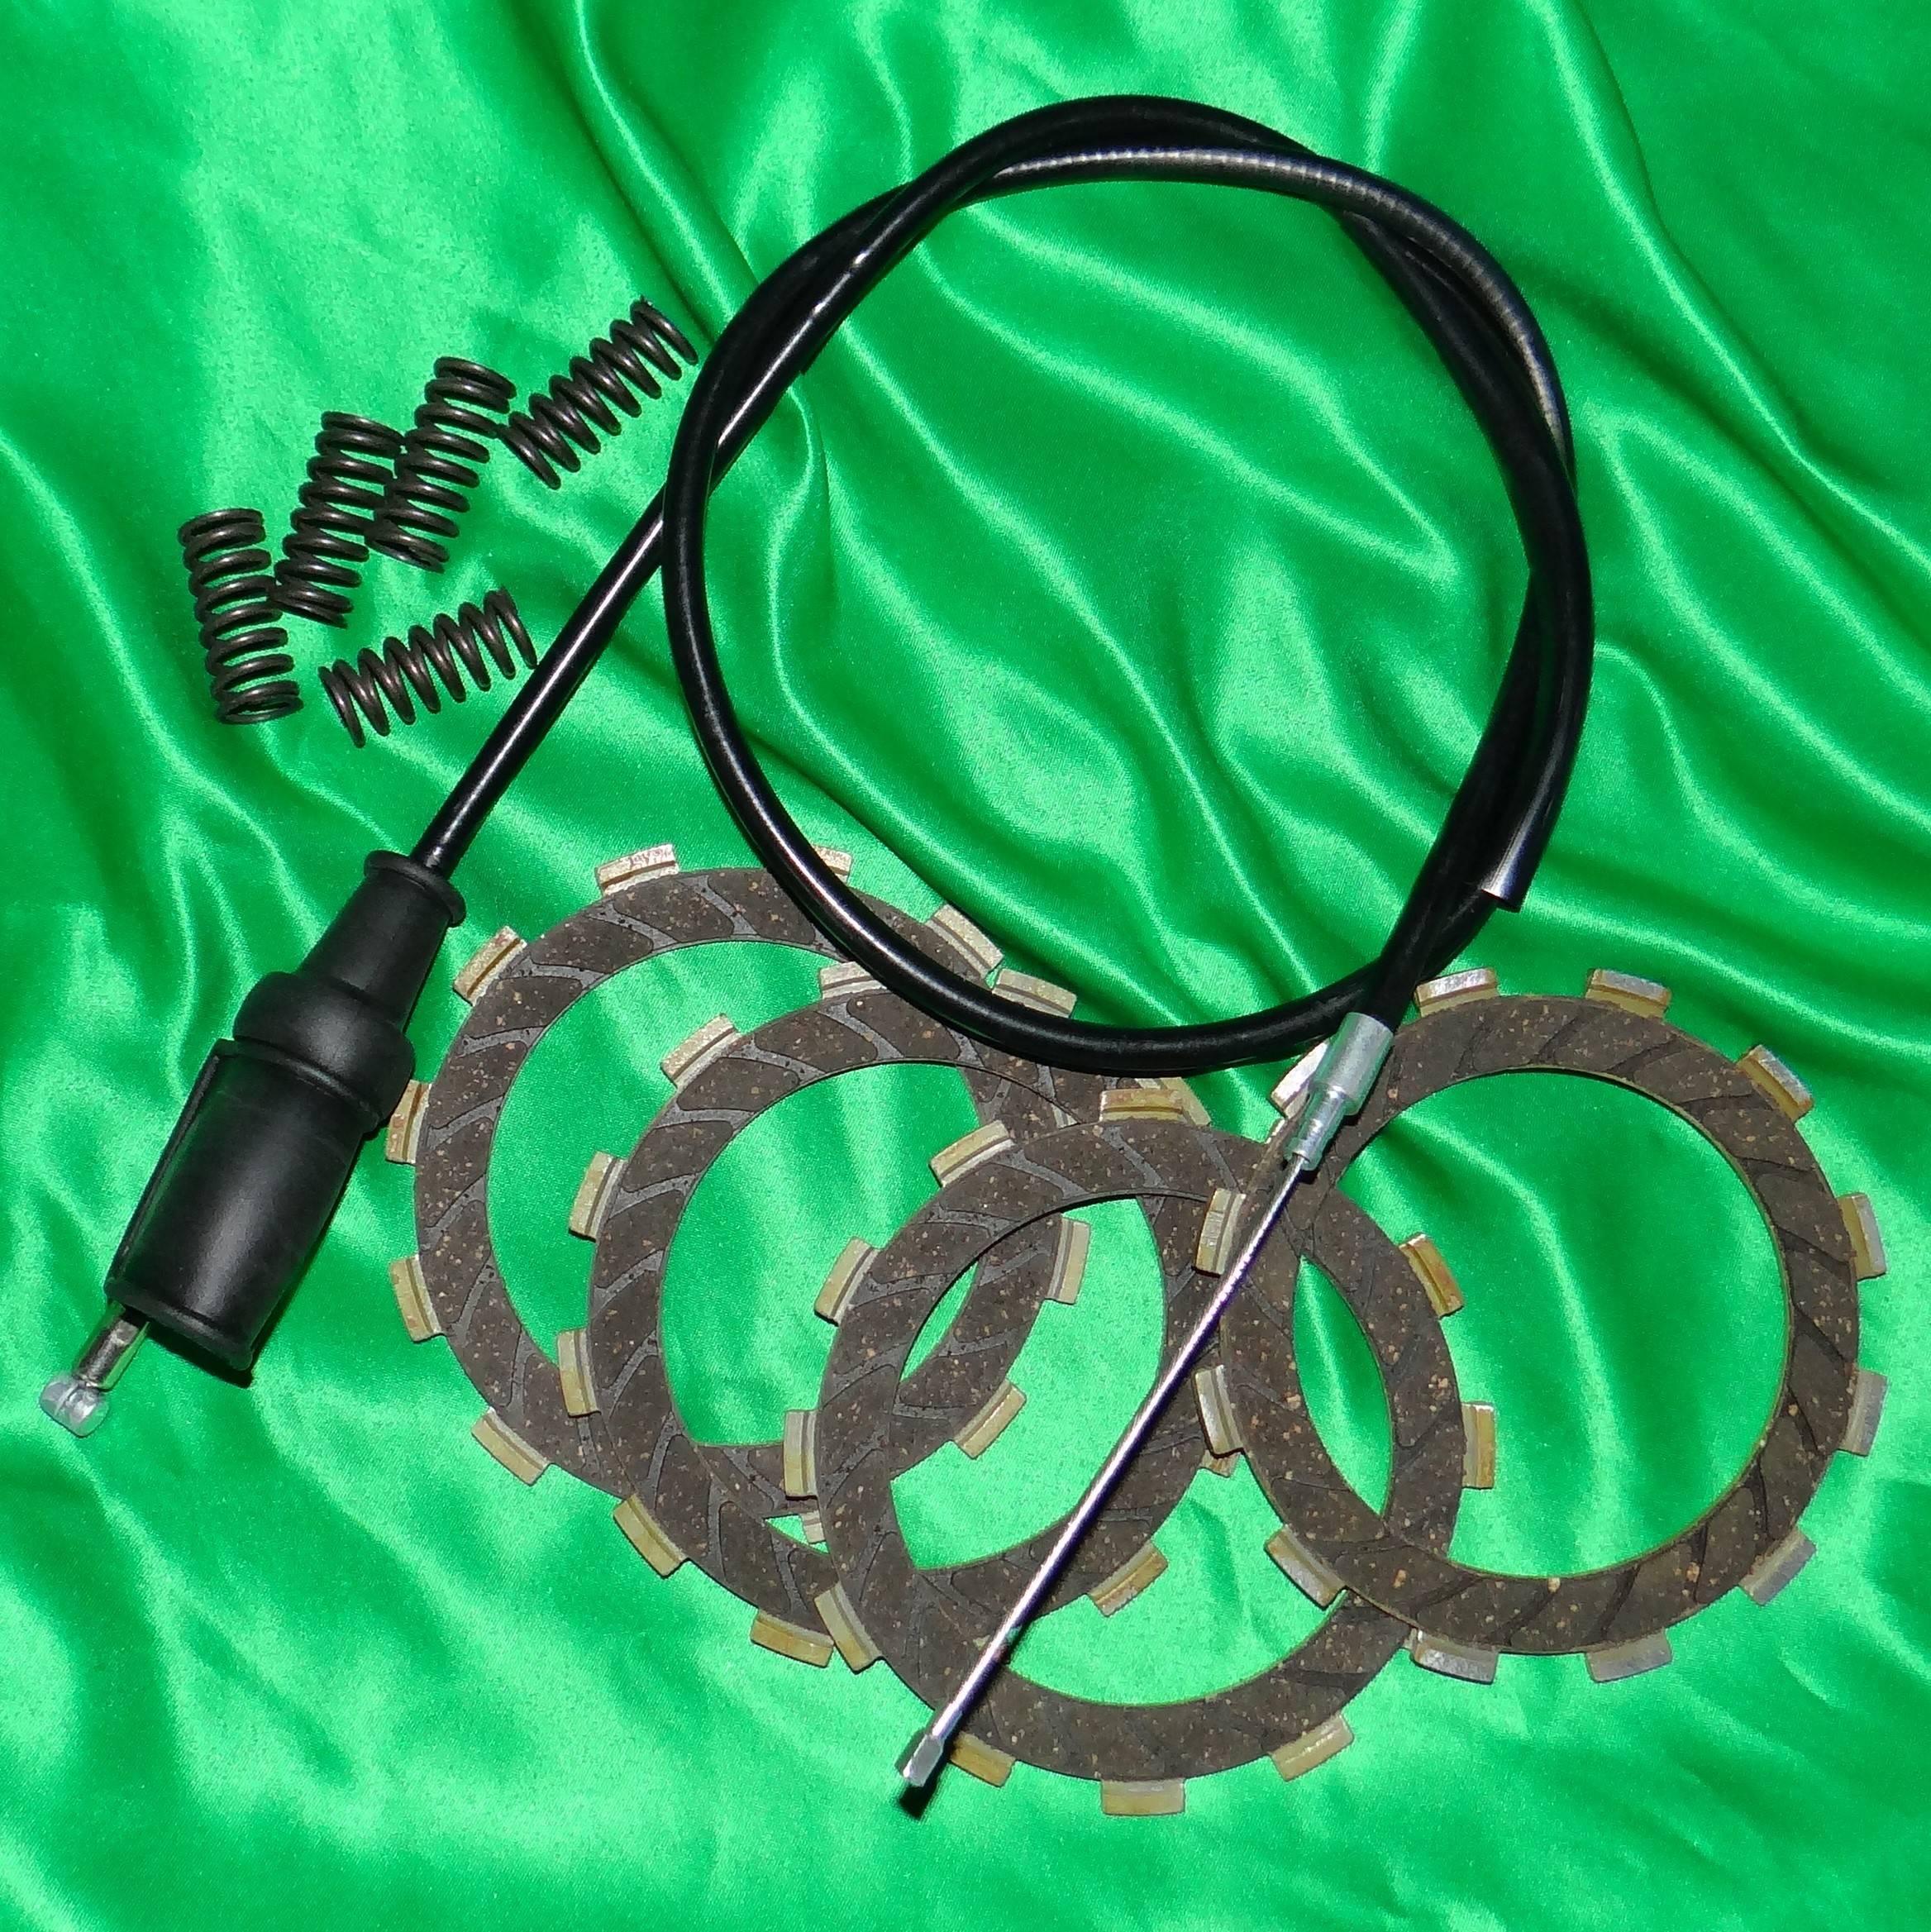 Disque d'embrayage, ressort, cable d'embrayage,... pour GAS GAS 4 temps